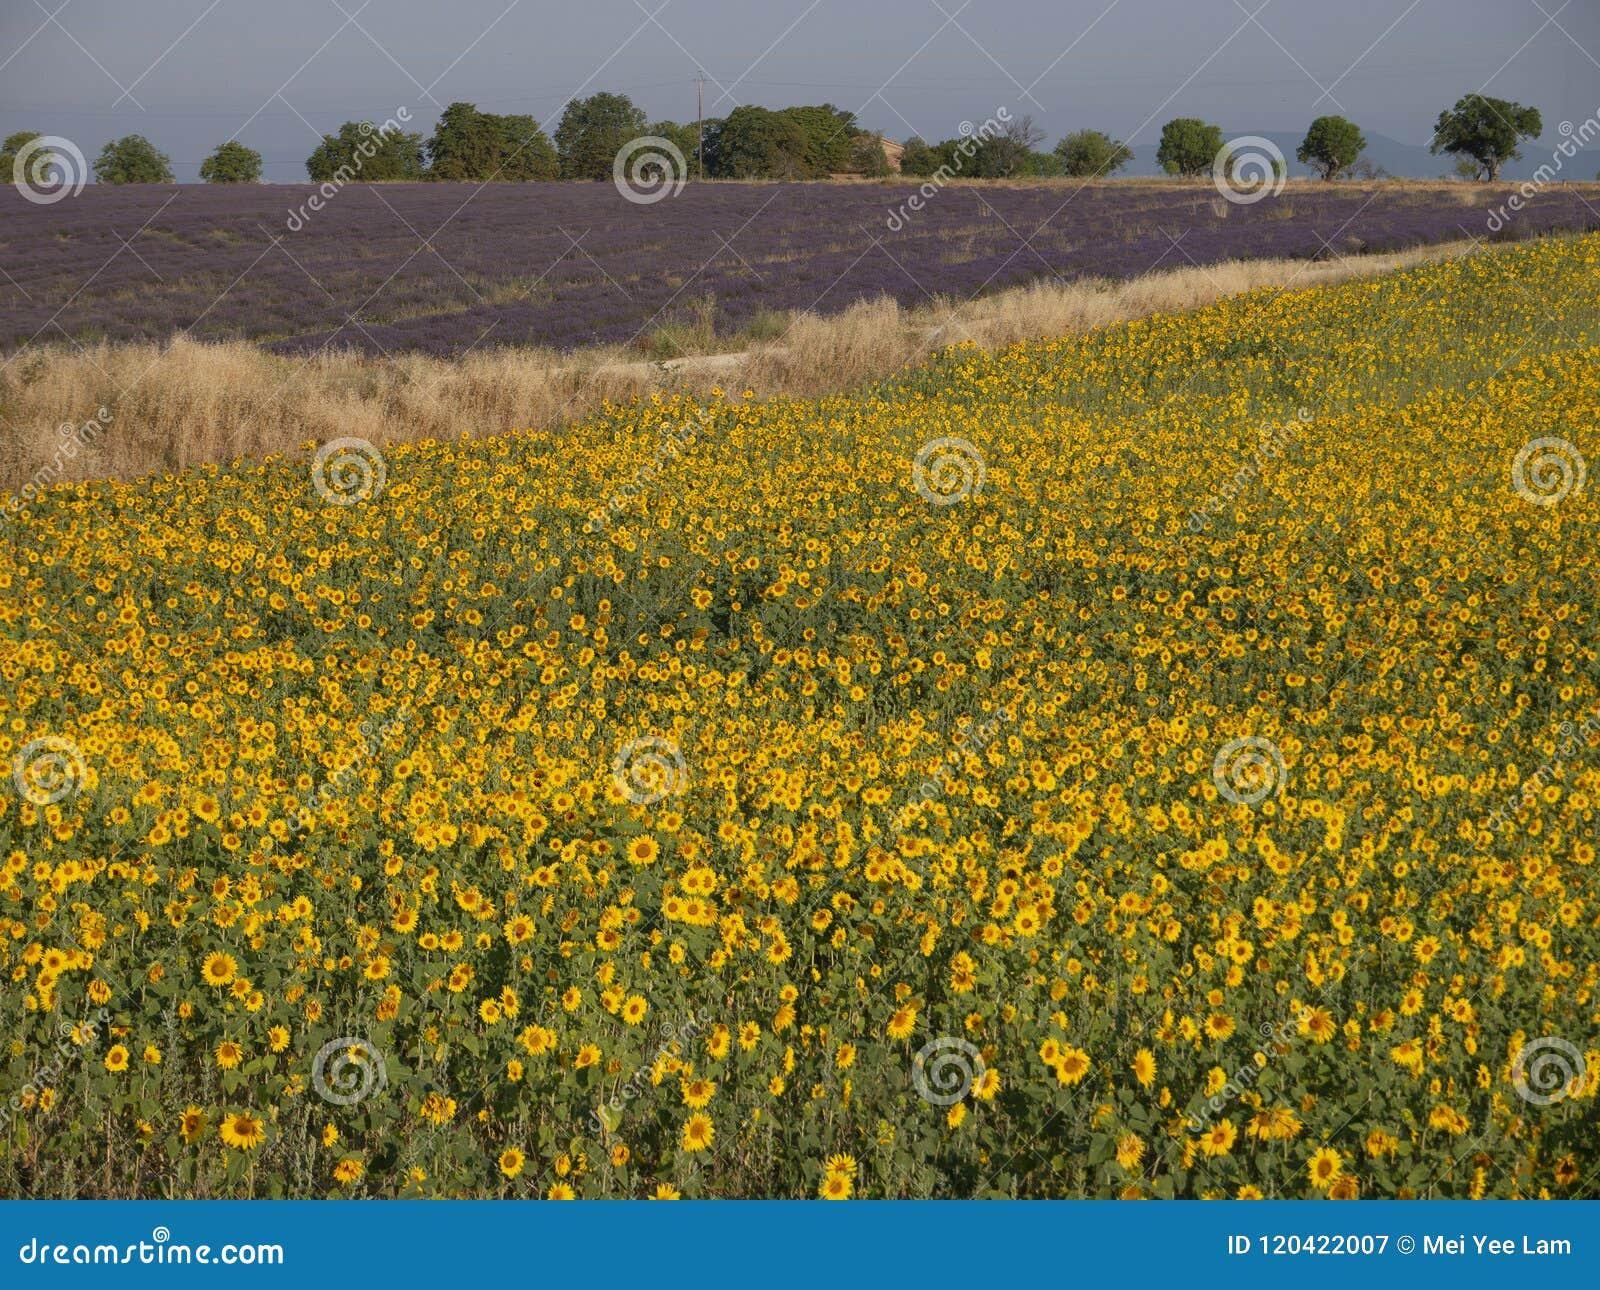 Sonnenblume und Lavendel in einem Gewann